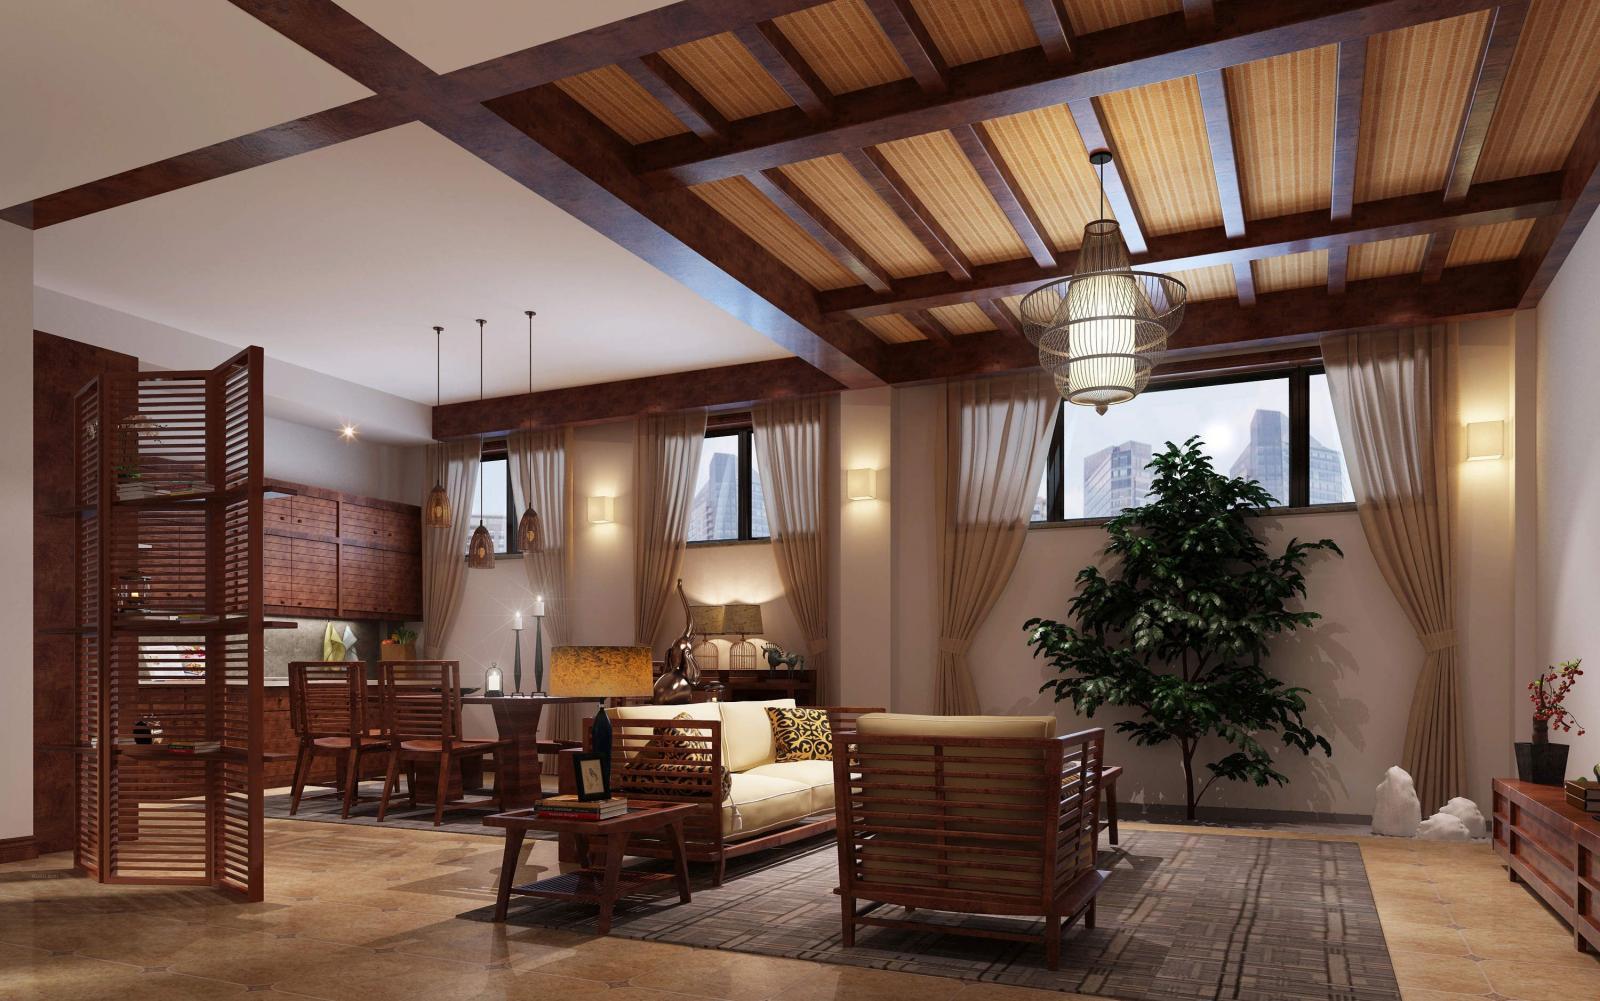 复式楼东南亚风格客厅_私享生活装修效果图图片